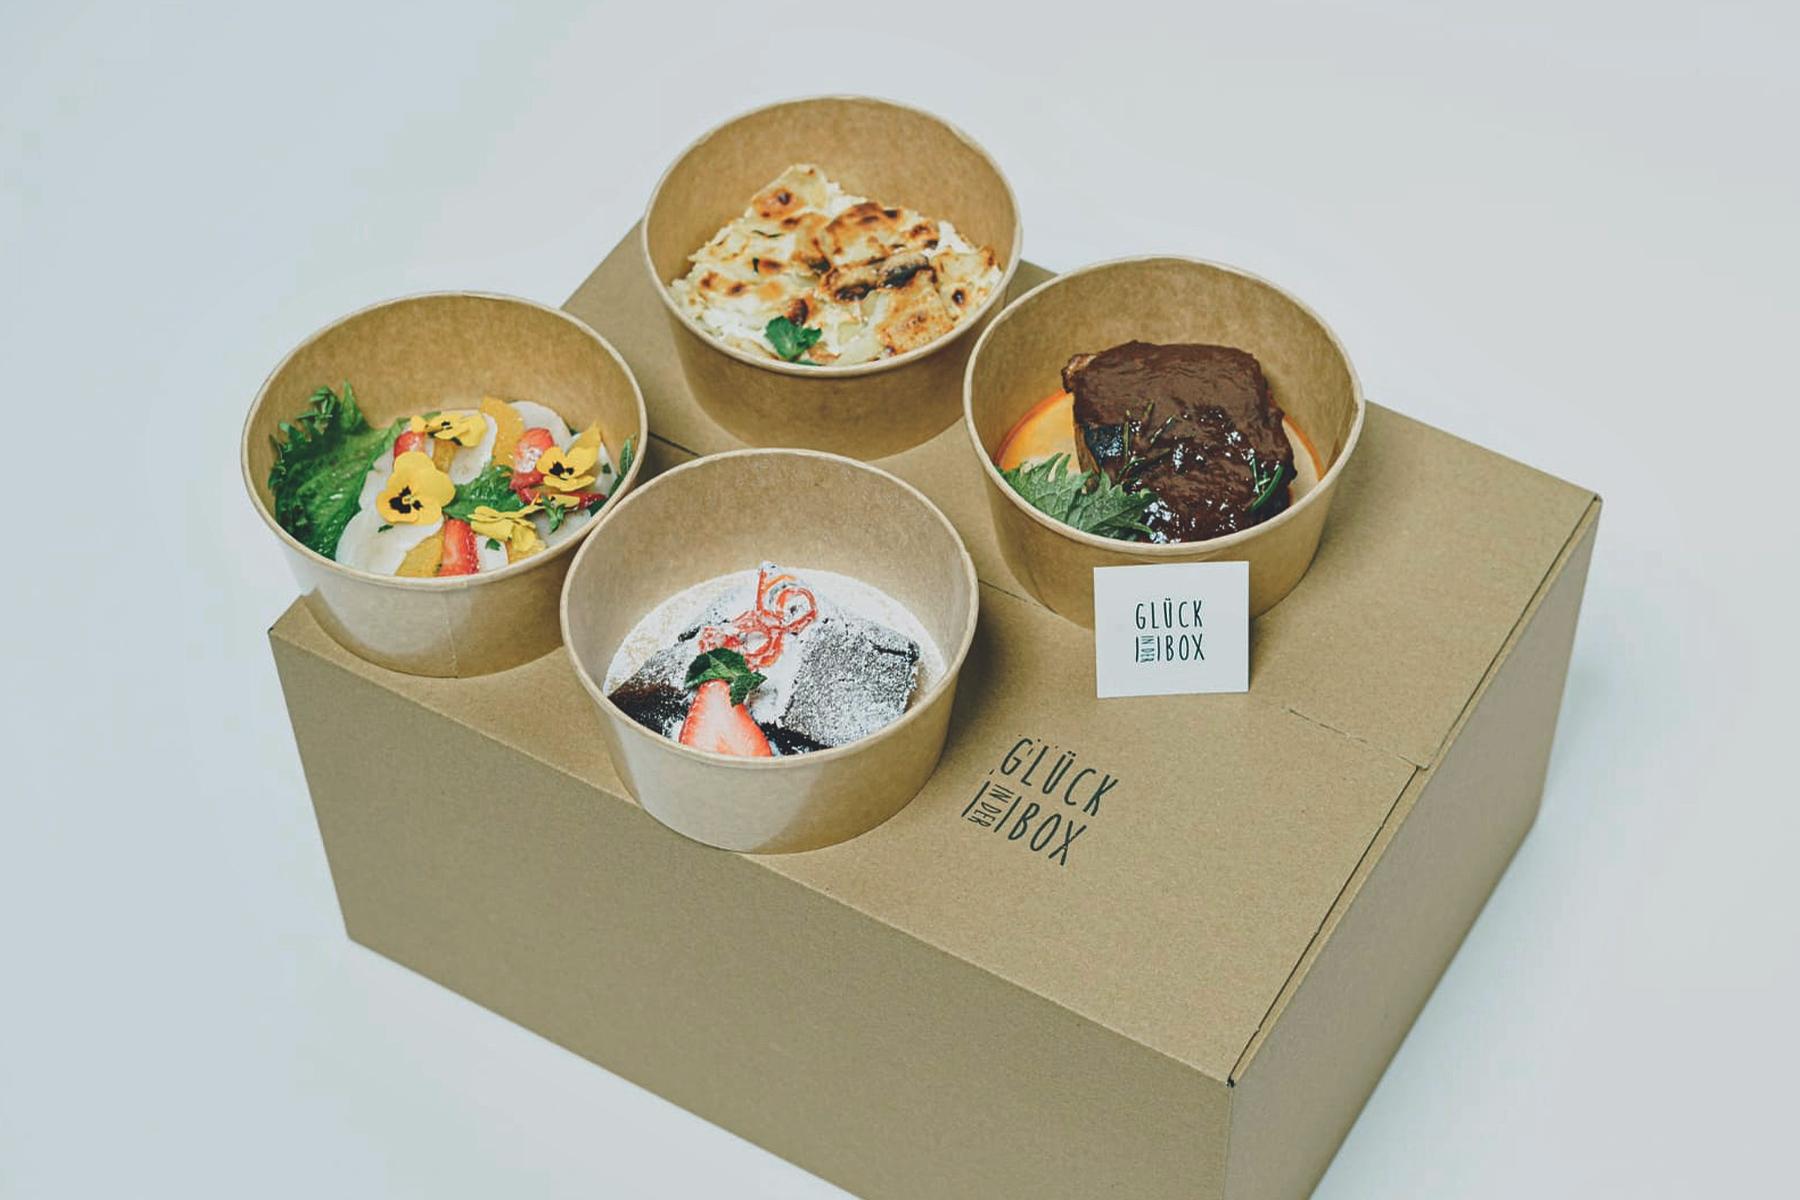 foodbox koeln 1 artikel